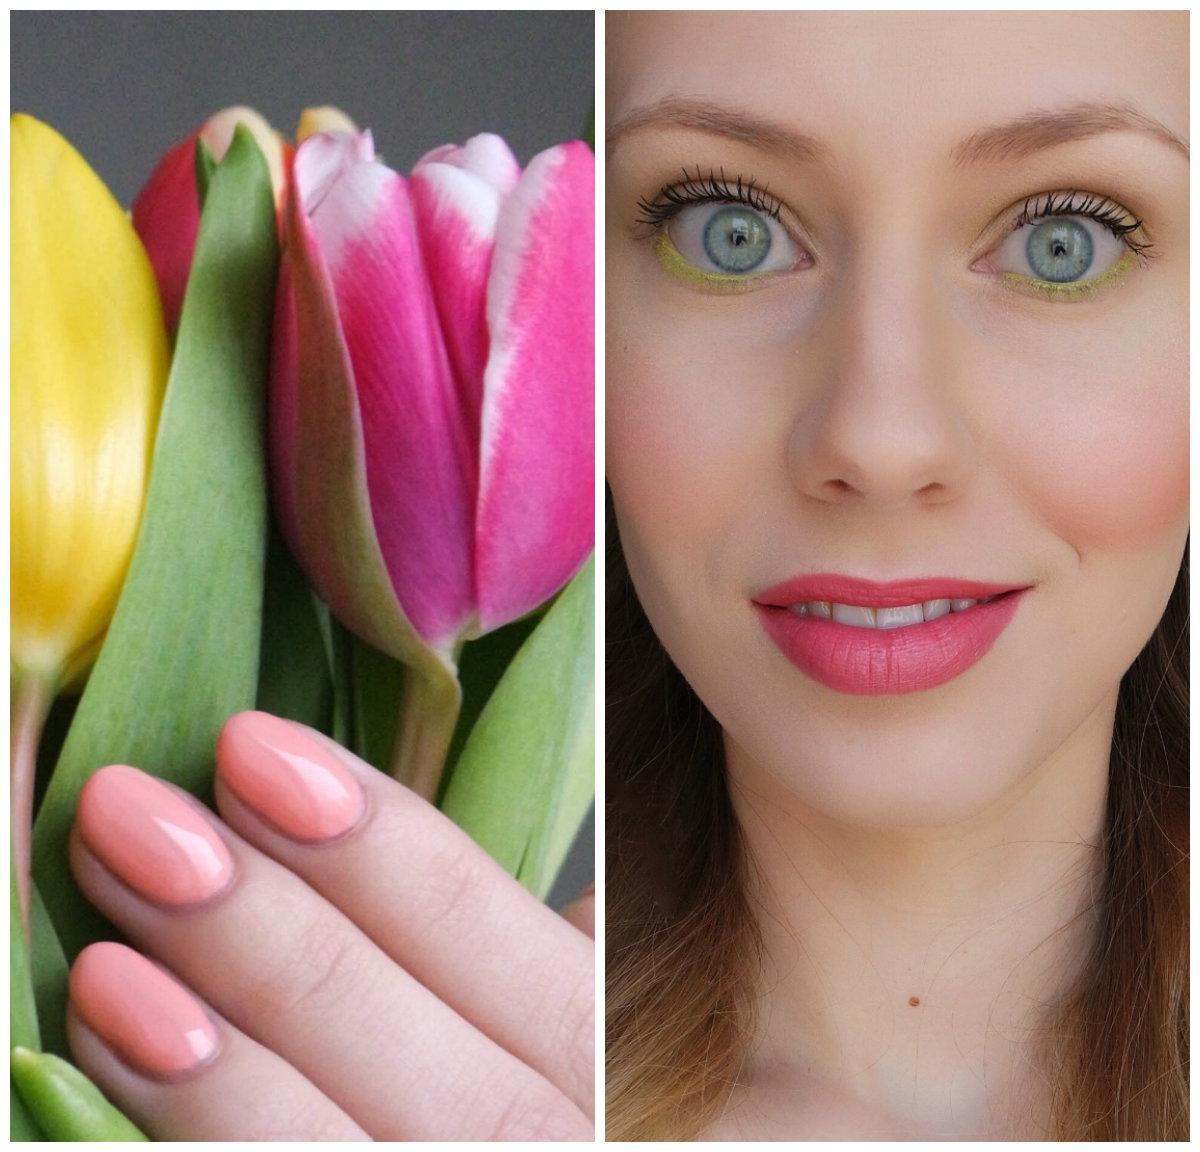 Eva von complexionsbeautyblog.com